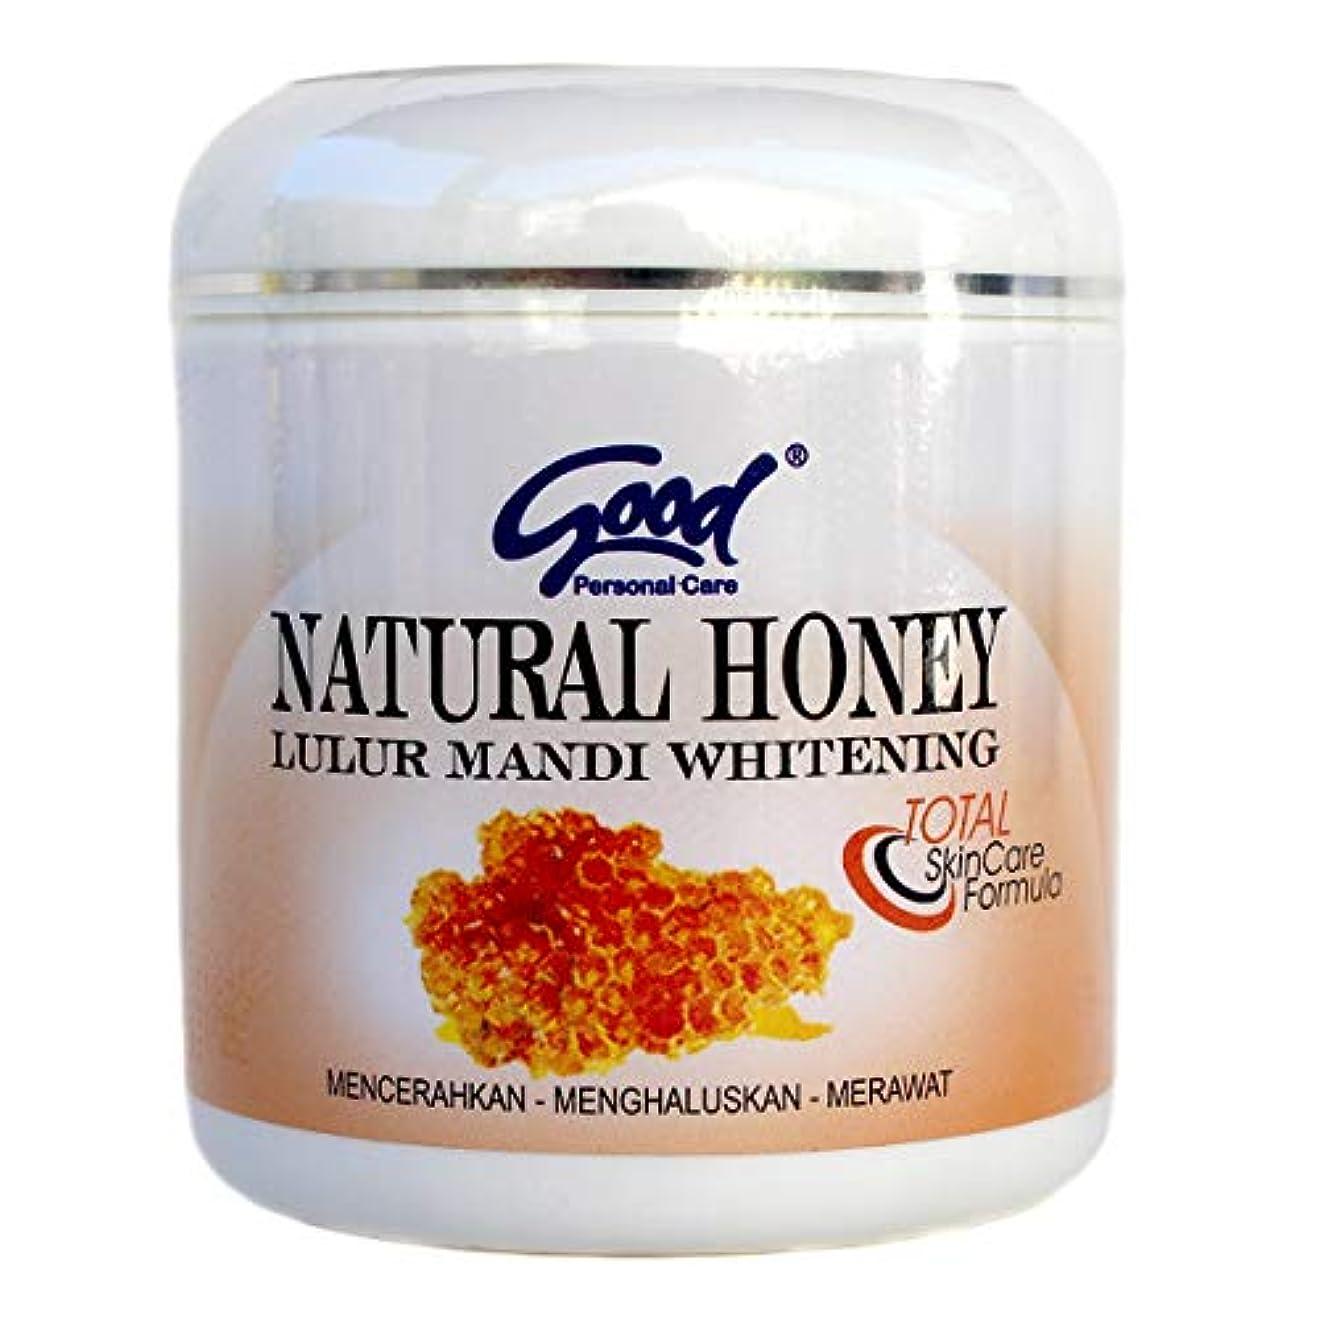 属するに付けるラダgood グッド インドネシアバリ島の伝統的なボディスクラブ Lulur Mandi マンディルルール 200g Natural Honey ナチュラルハニー [海外直送品]